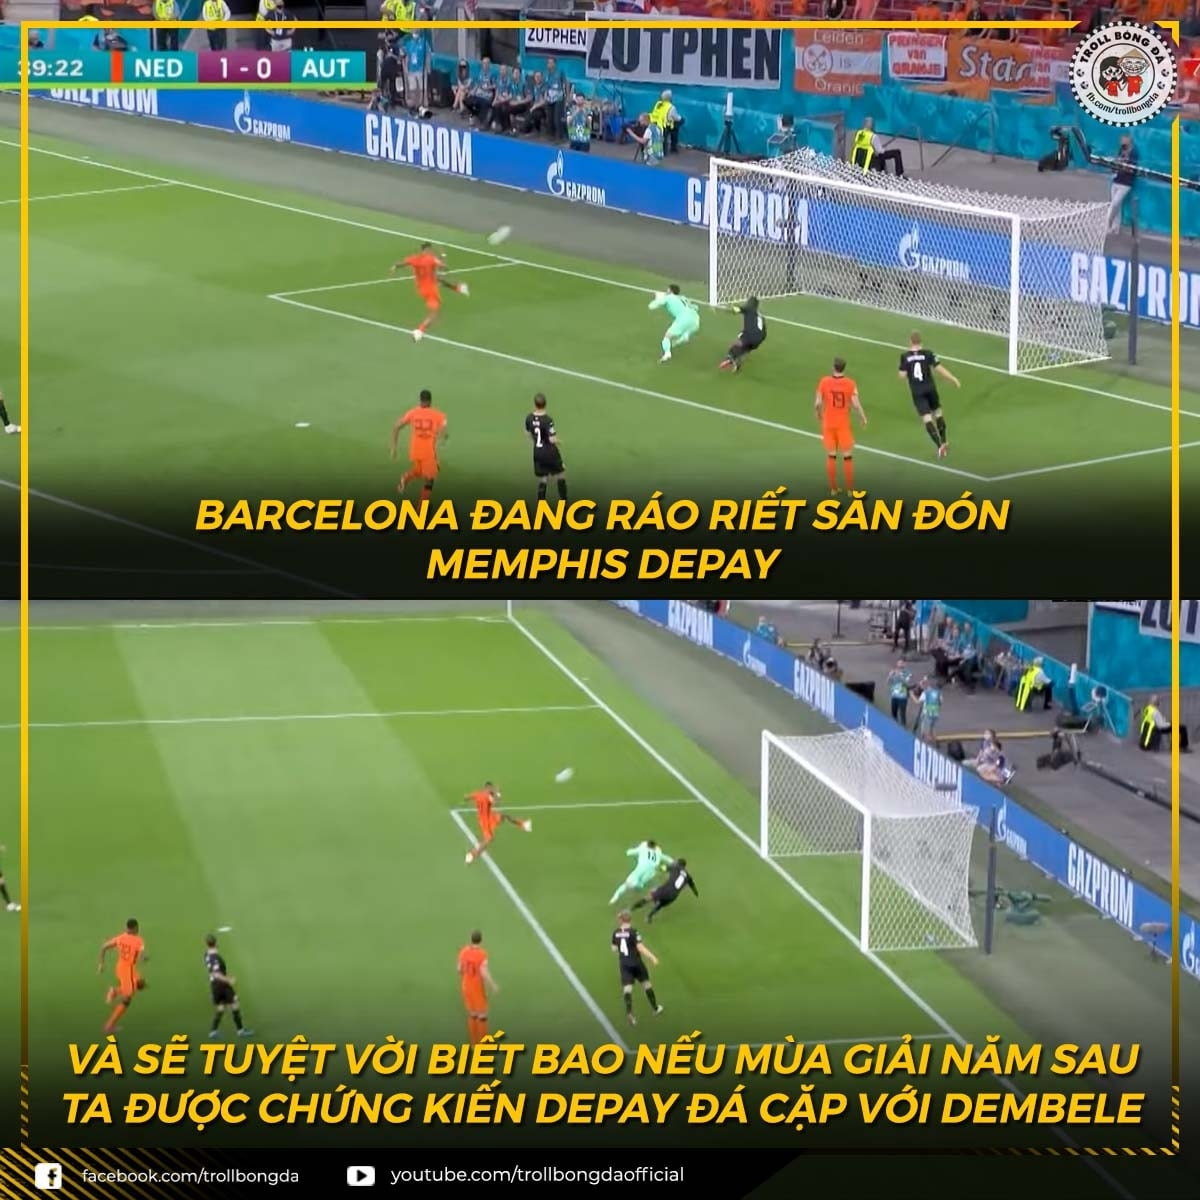 """Depay chứng tỏ anh """"xứng đáng"""" để gia nhập Barca mùa tới (Ảnh: Troll bóng đá)."""